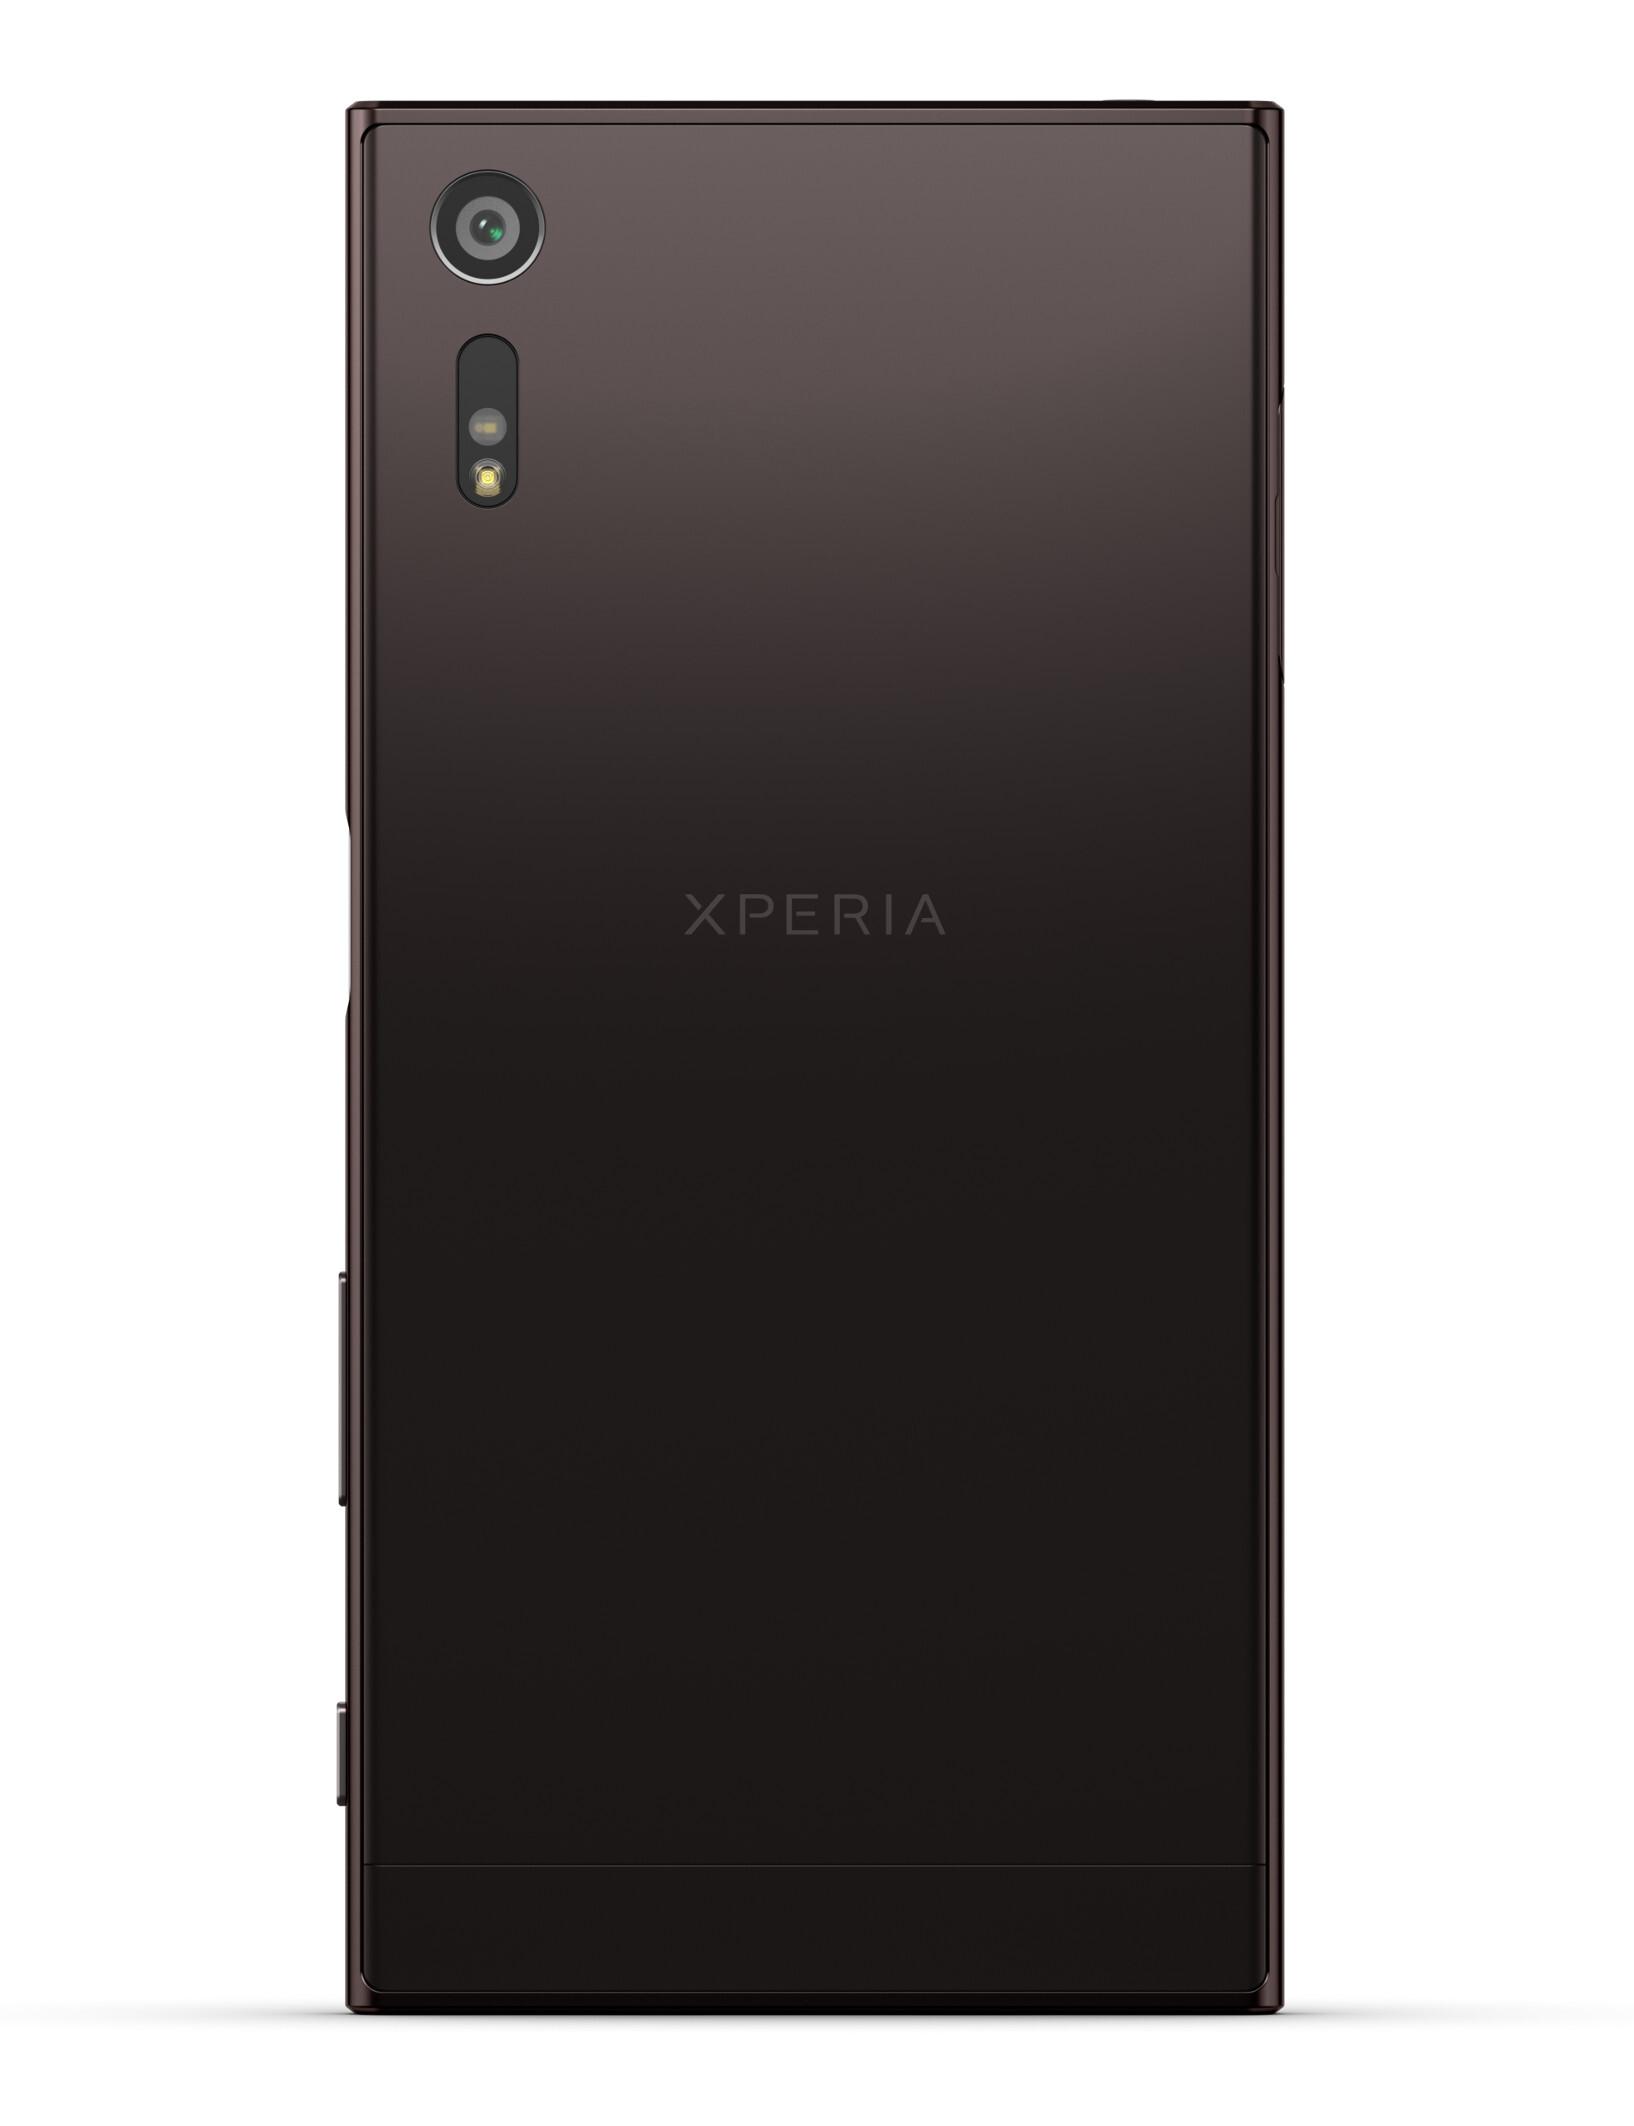 Sony Xperia XZ specs